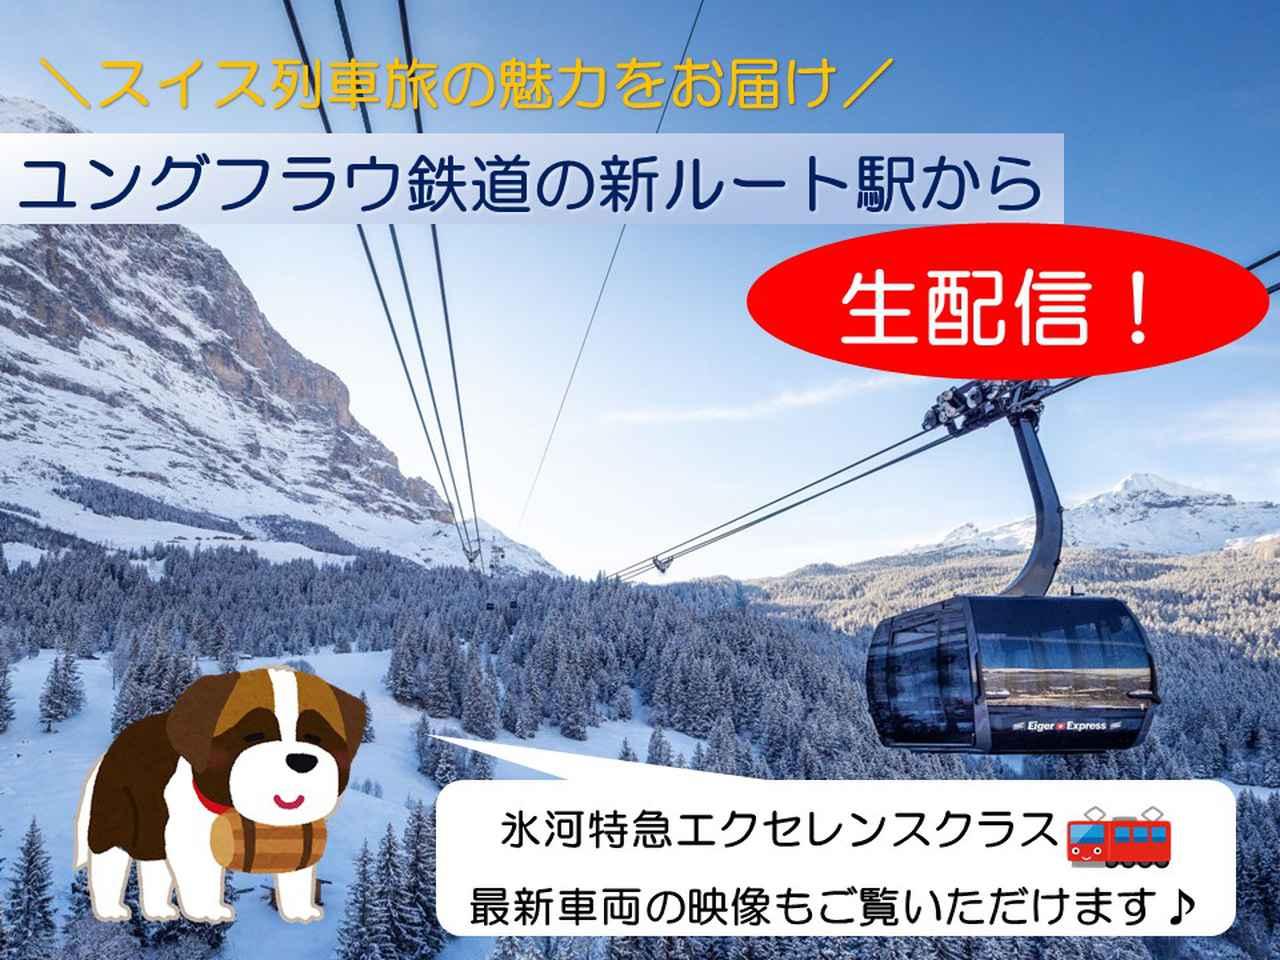 画像: 【スイス】生配信オンラインツアー 名峰マッターホルンを望む山岳ホテルをご紹介!